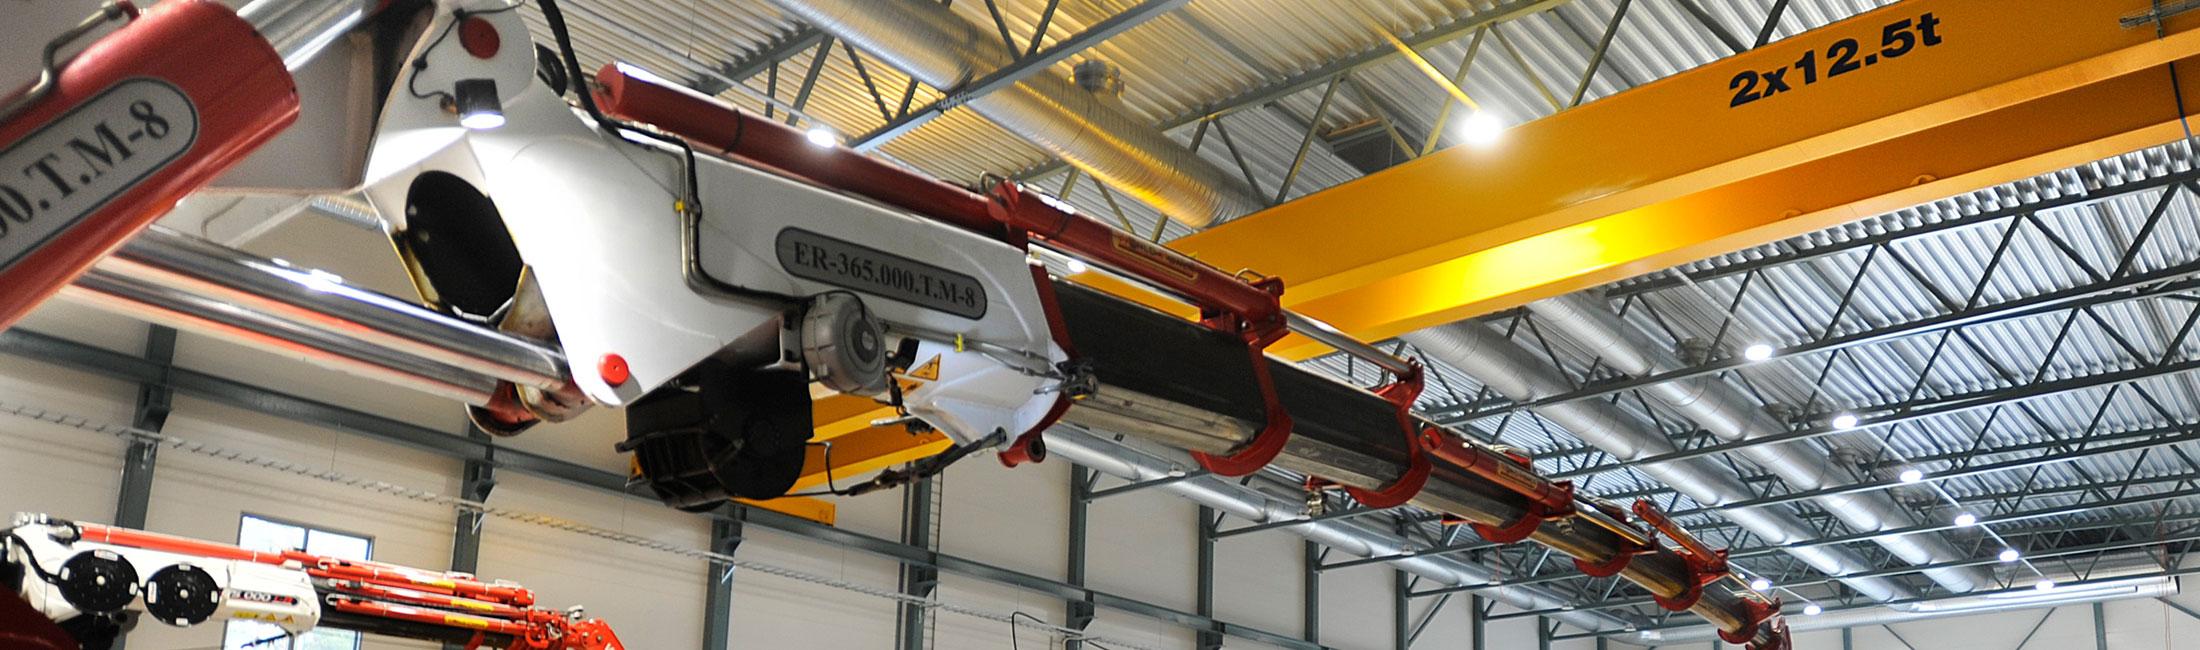 crane-service-nosturihuolto-teollisuus-metalliteollisuus-teollisuuden-siltanosturit-satateras-2